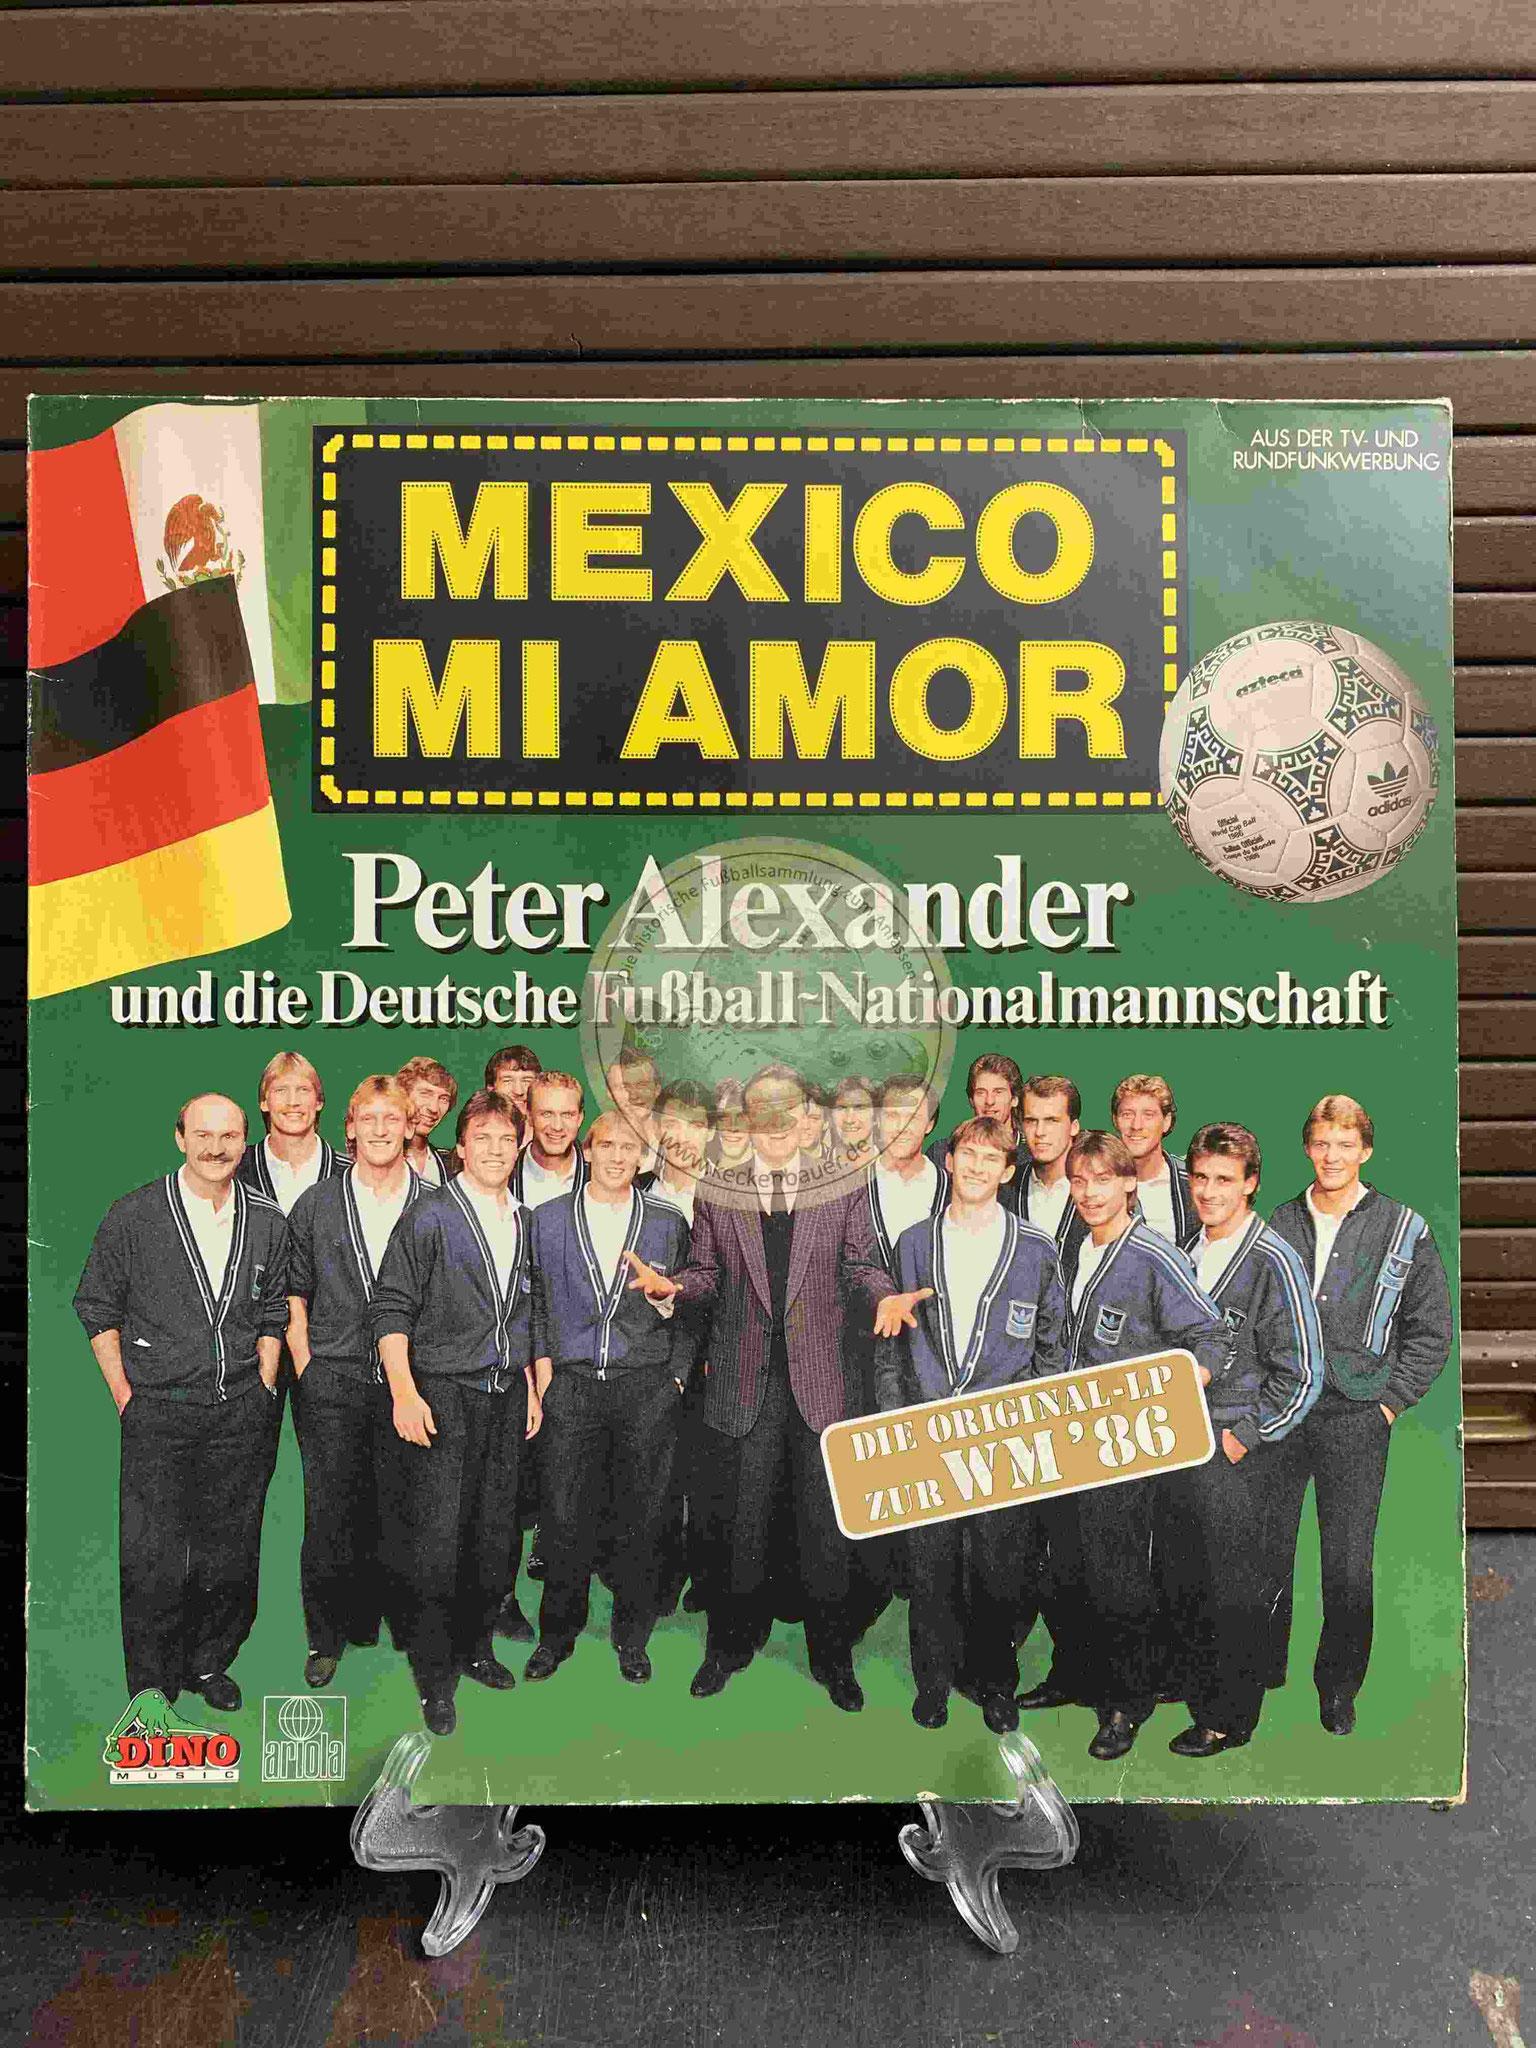 1986 Mexico Mi Amor Peter Alexander mit der Deutschen Nationalmannschaft